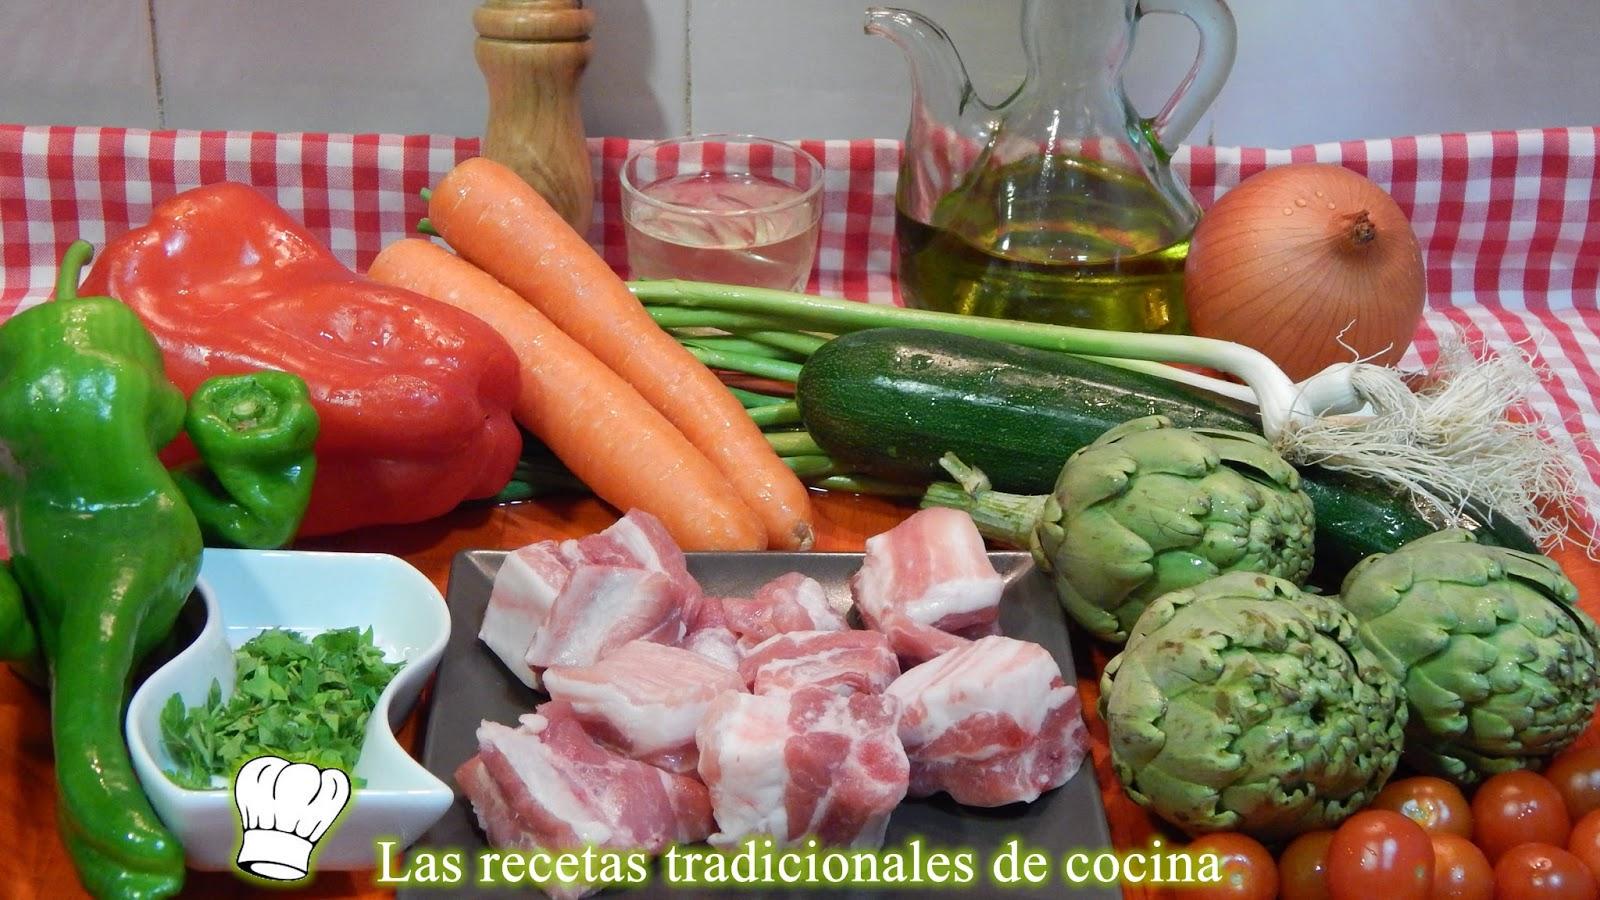 Receta de costillas de cerdo con verduras